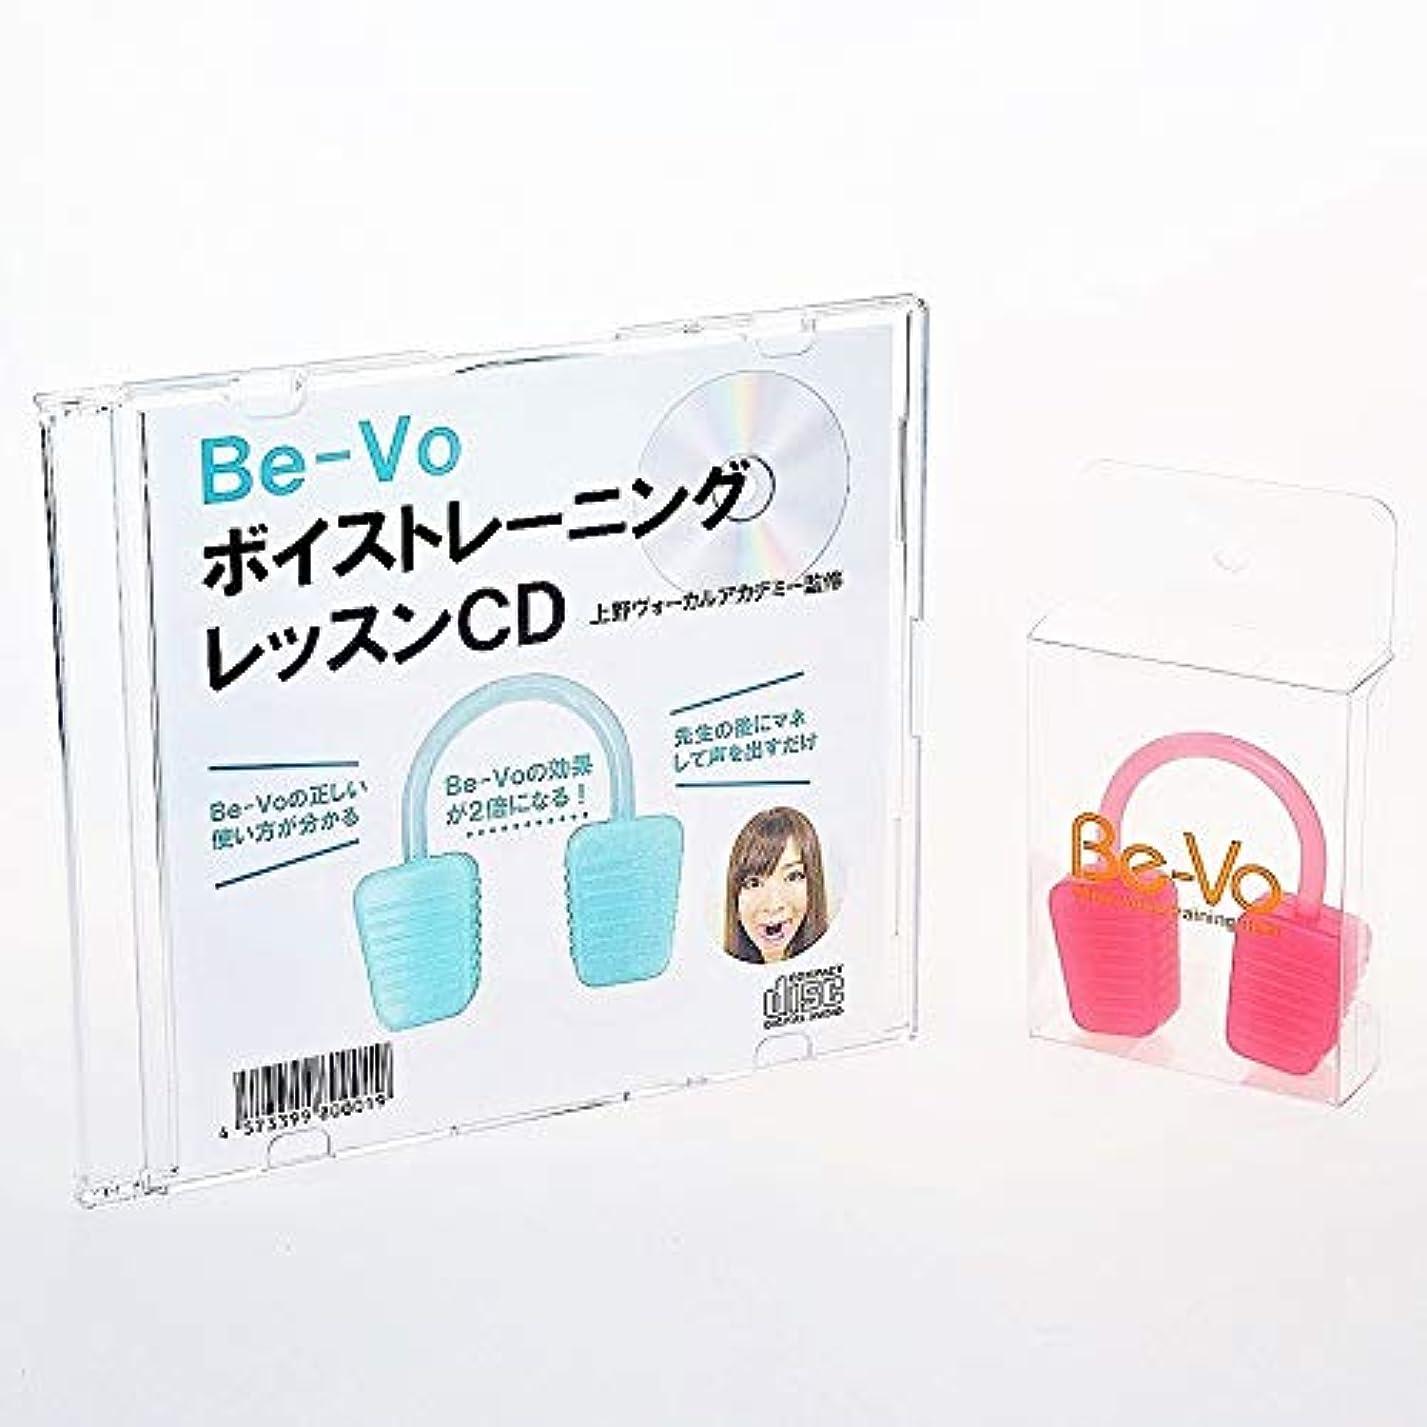 ハッピー分解する放出Be-Vo CD セット ピンク|ボイストレーニング器具Be-Vo(ビーボ)+Be-VoボイストレーニングレッスンCD2点セット